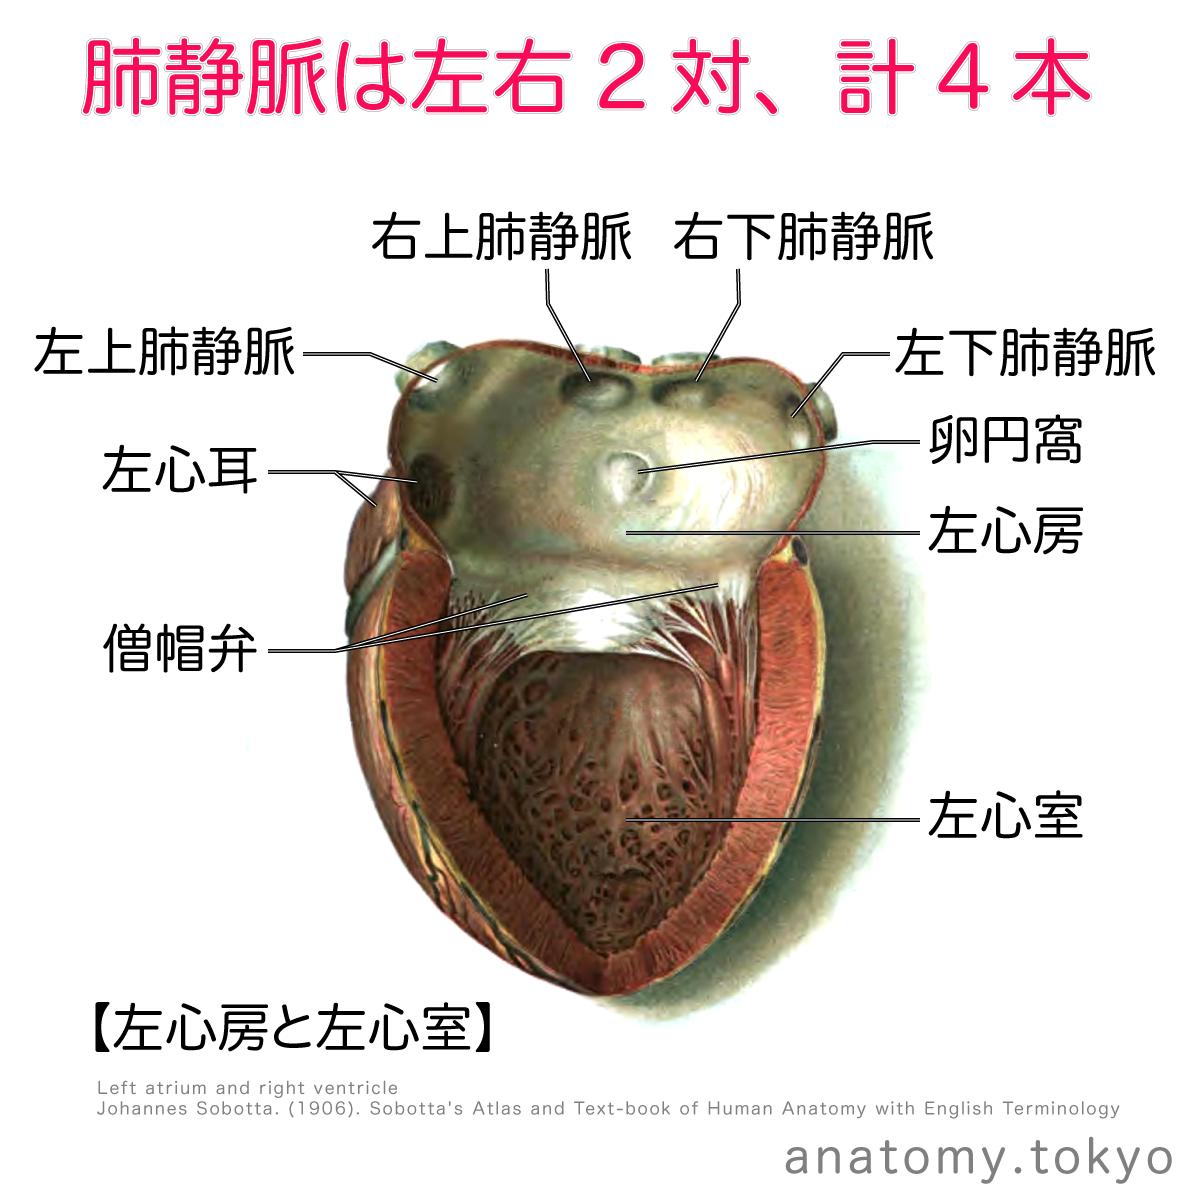 肺静脈は 本 ある 解答 4 肺静脈は左右2対 計4本あります 解剖学 循環器系 心臓 肺静脈 Pulmonary Vein 一問一答 Https Www Anatomy Tokyo Oqoa E3 80 90 E4 B8 80 E5 解剖学 循環器系 人体解剖学